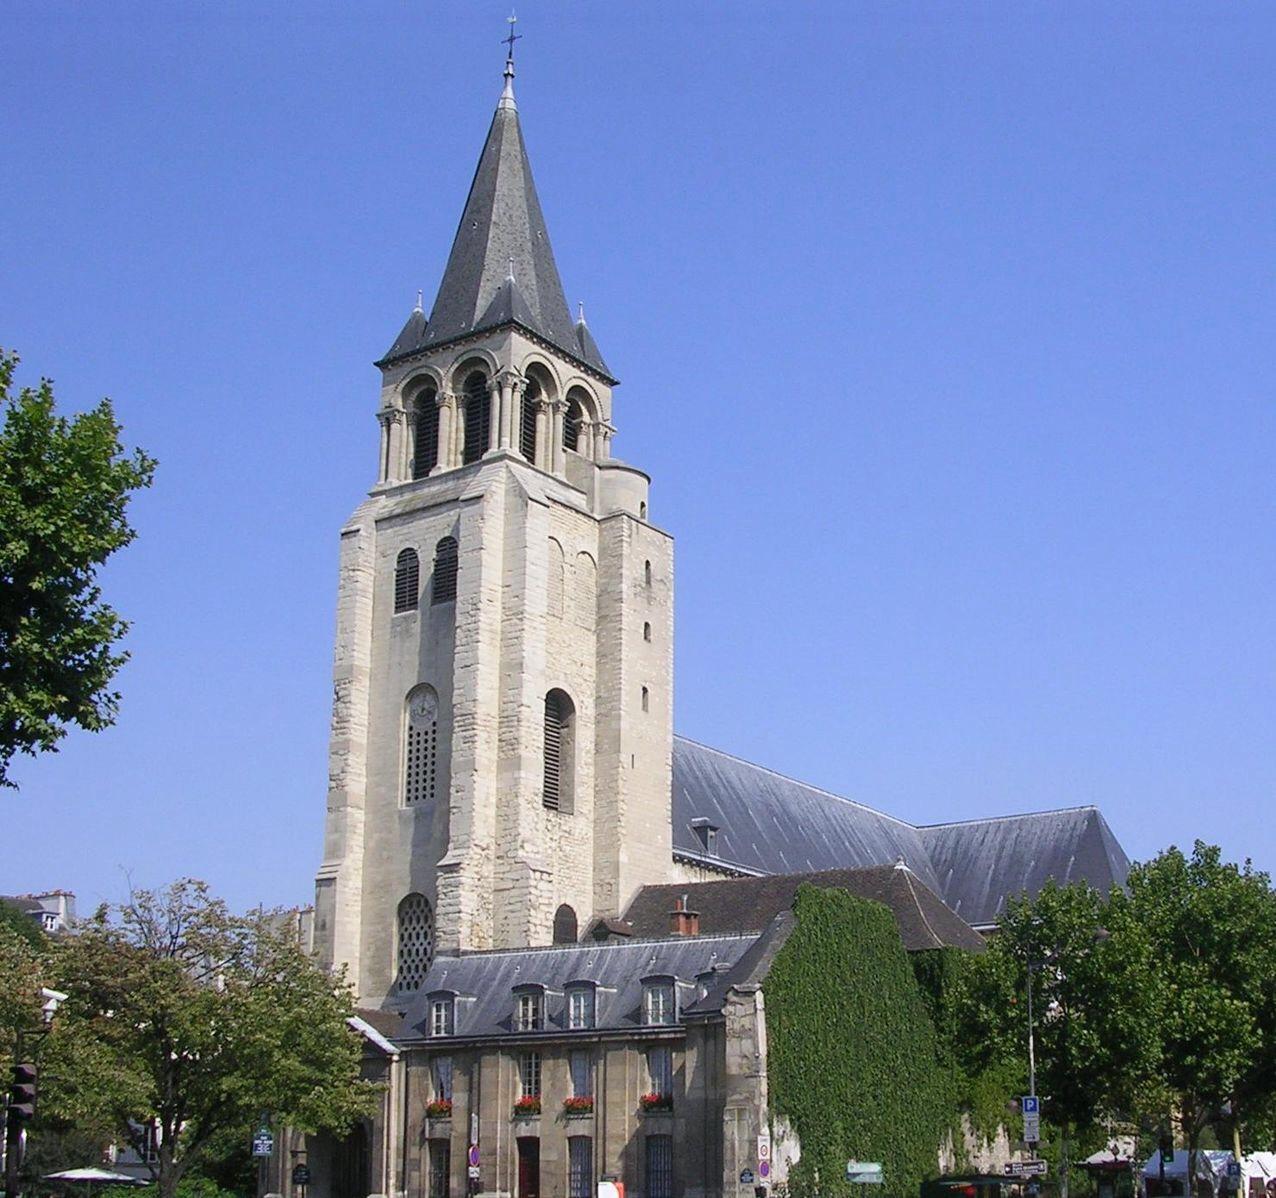 Saint-Germain-des-Prés Church